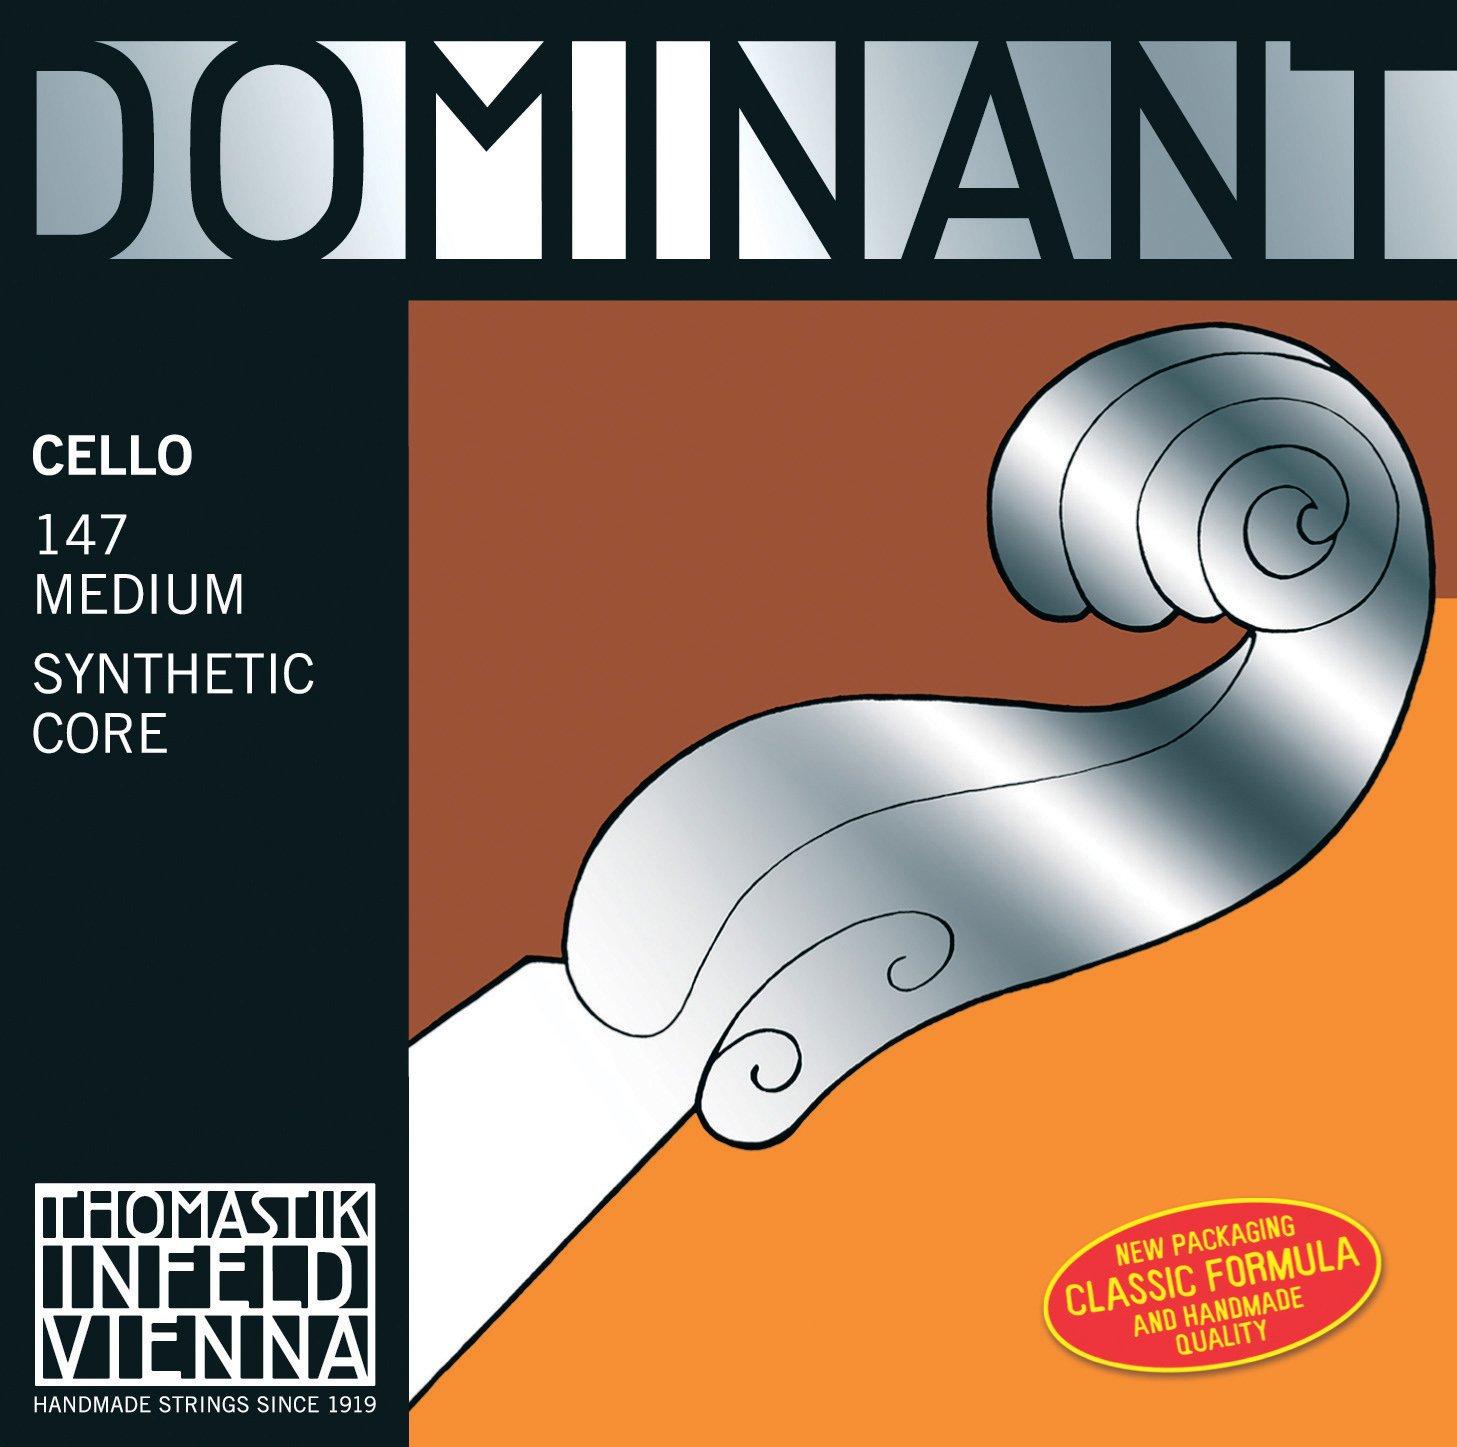 Thomastik-Infeld 142-4/4 Dominant Nylon Core Cello String, Chrome Wound, Medium Gauge, 4/4 Scale, A